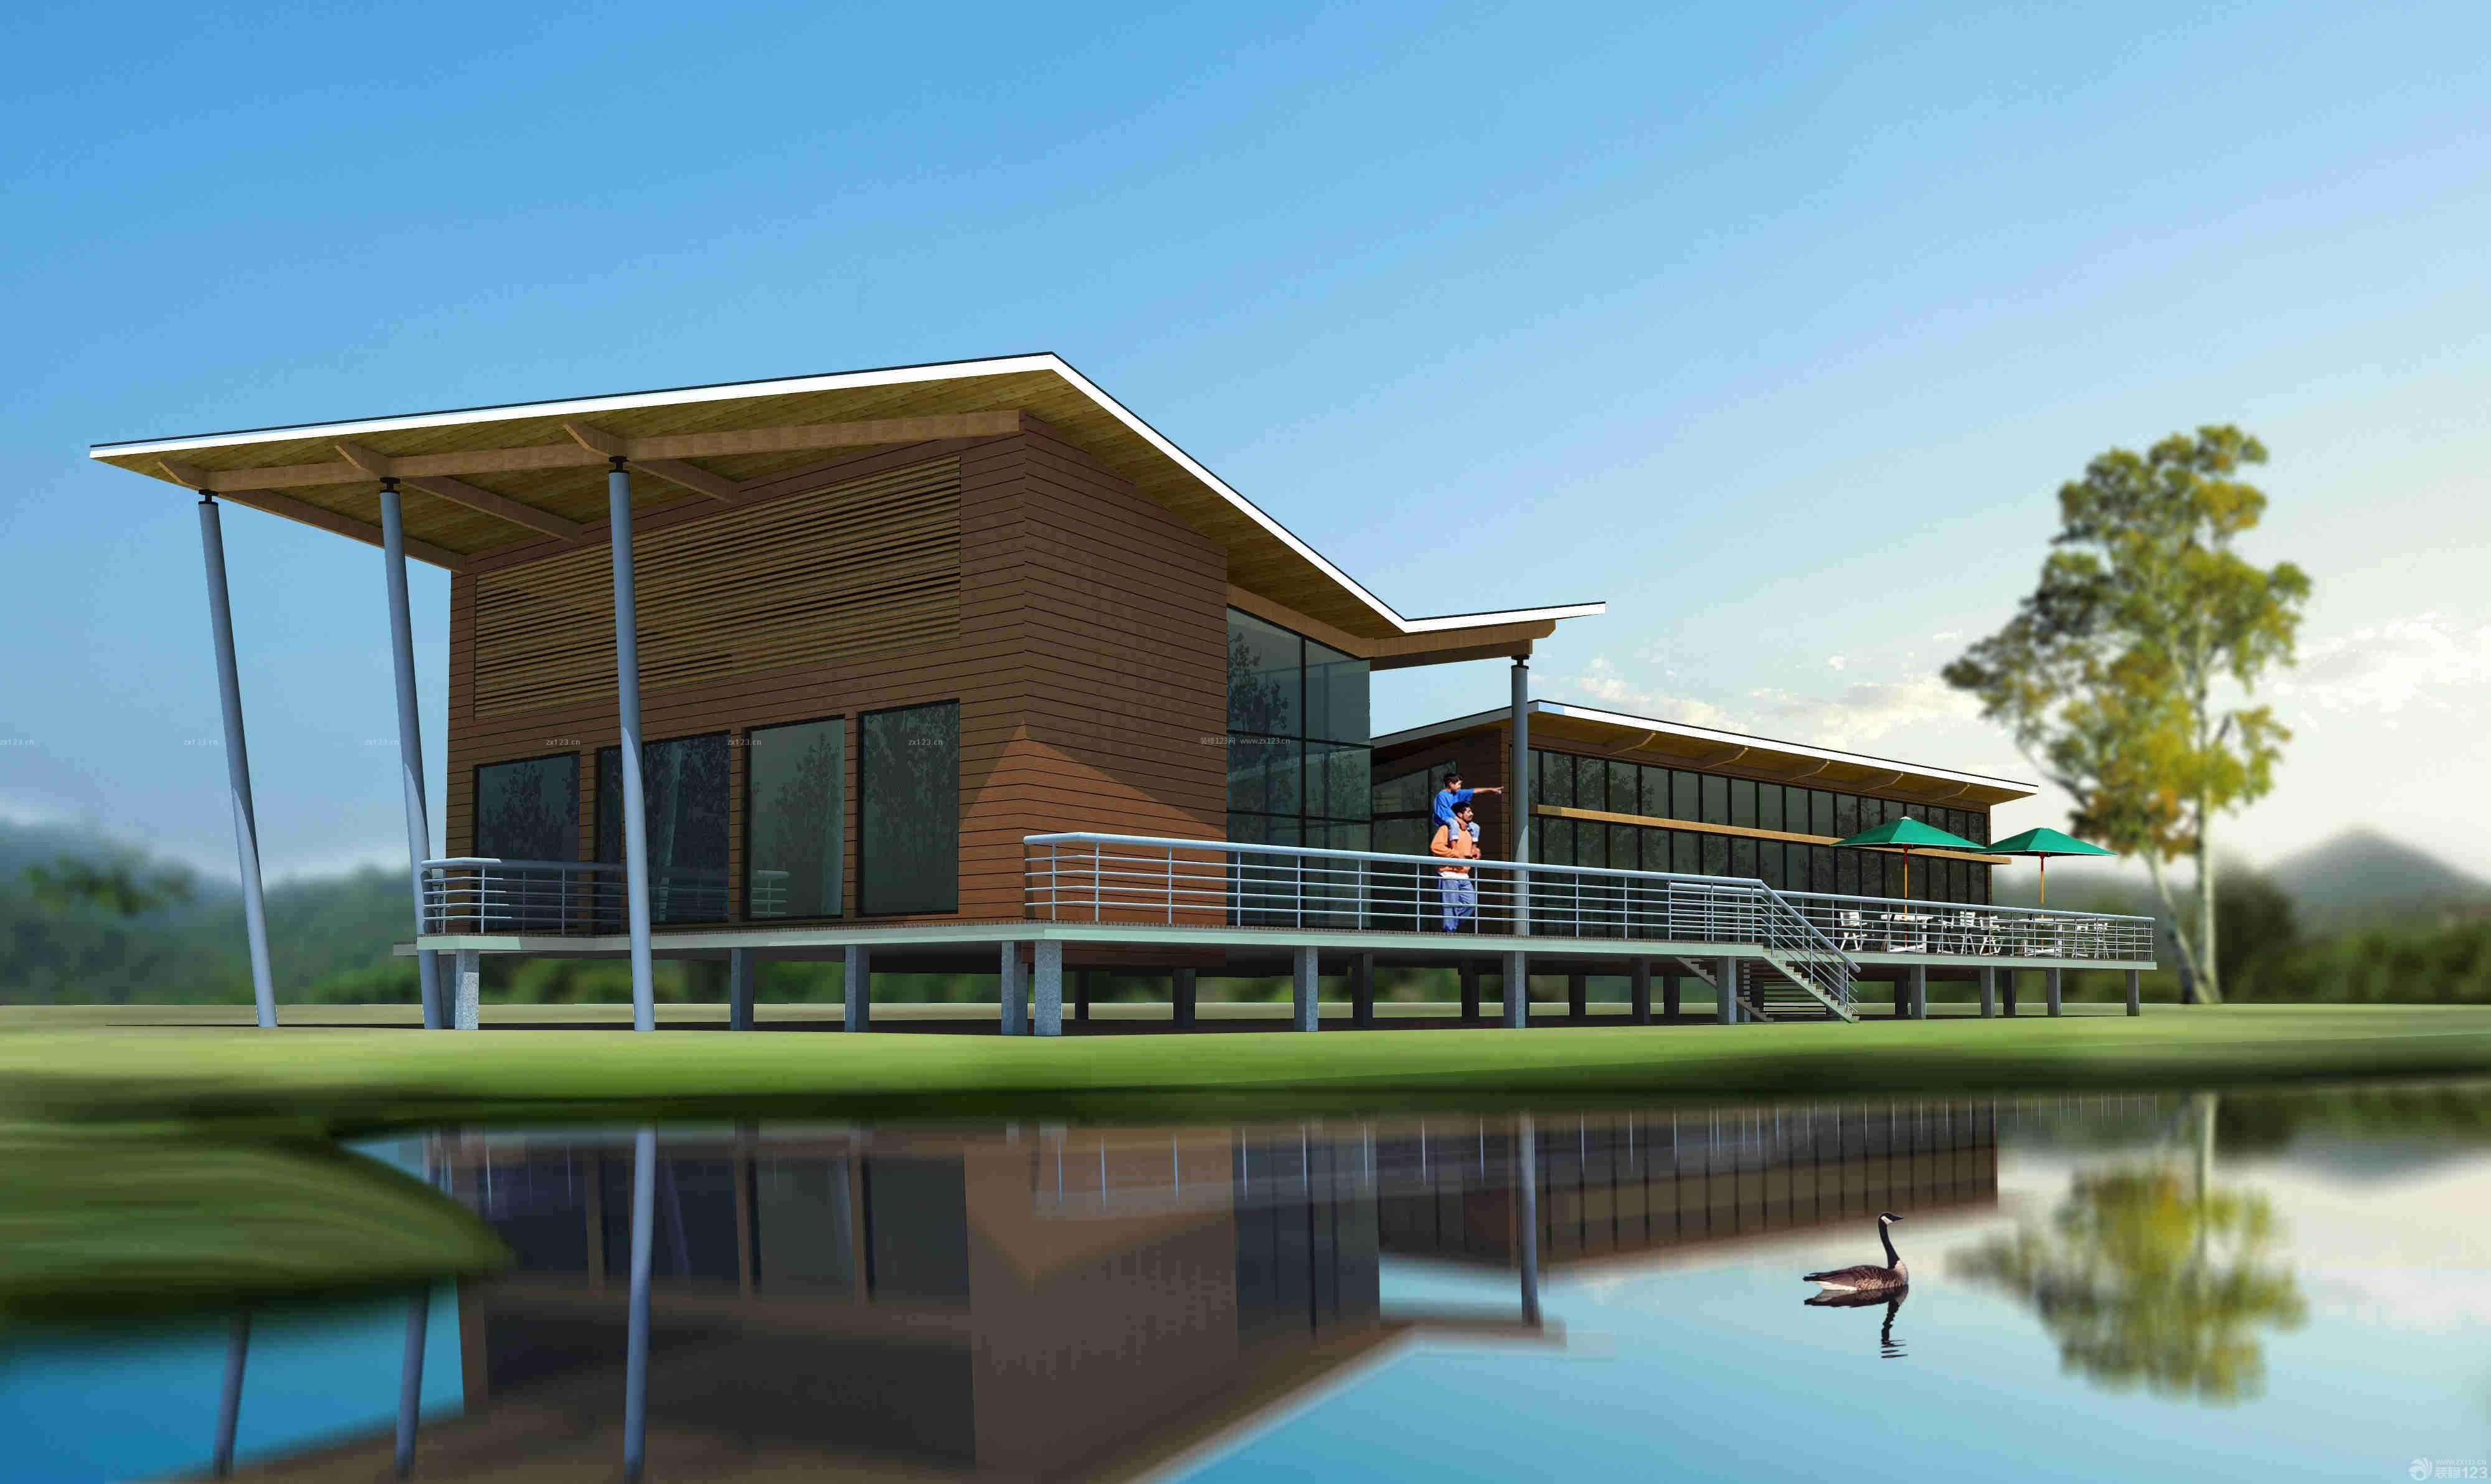 现代设计风格农村别墅外观效果图图片